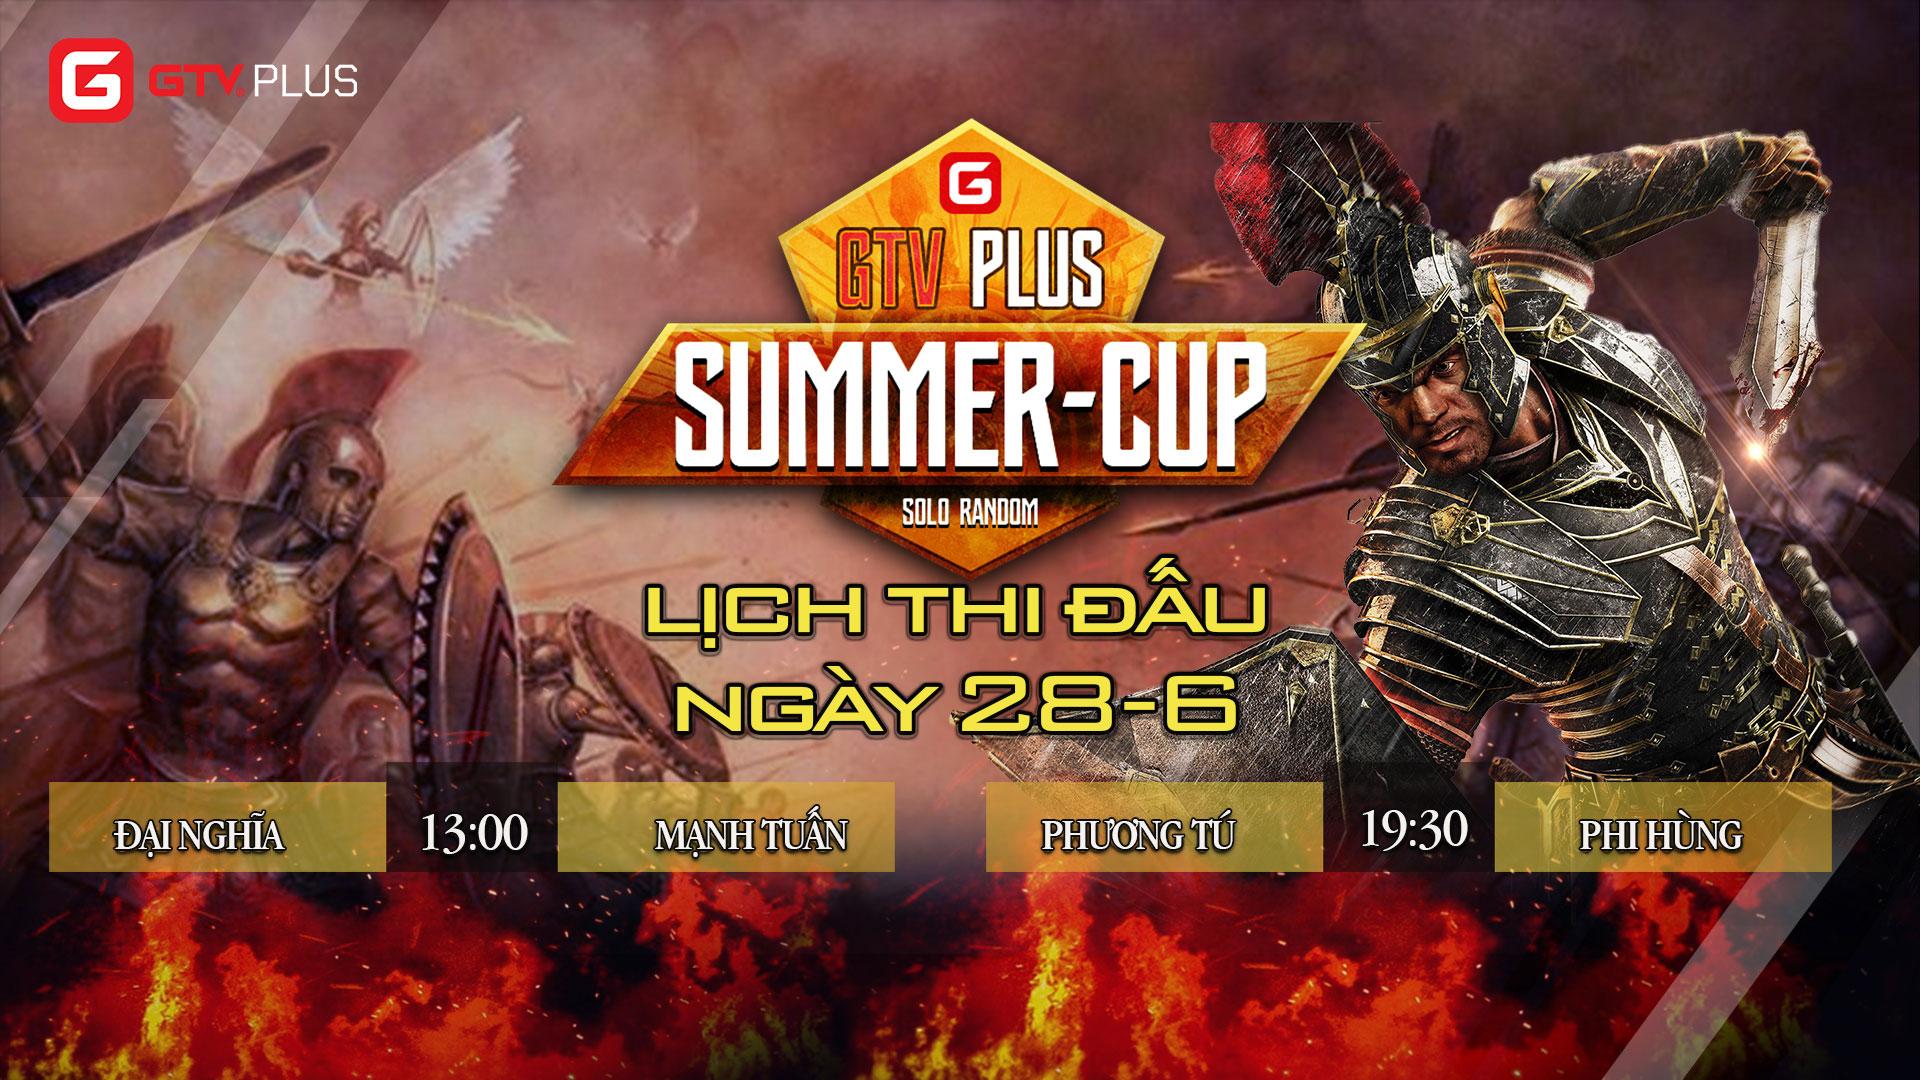 Lịch thi đấu ngày thi đấu ngày 28 tháng 6 Giải đấu AOE SUMMER CUP 2021